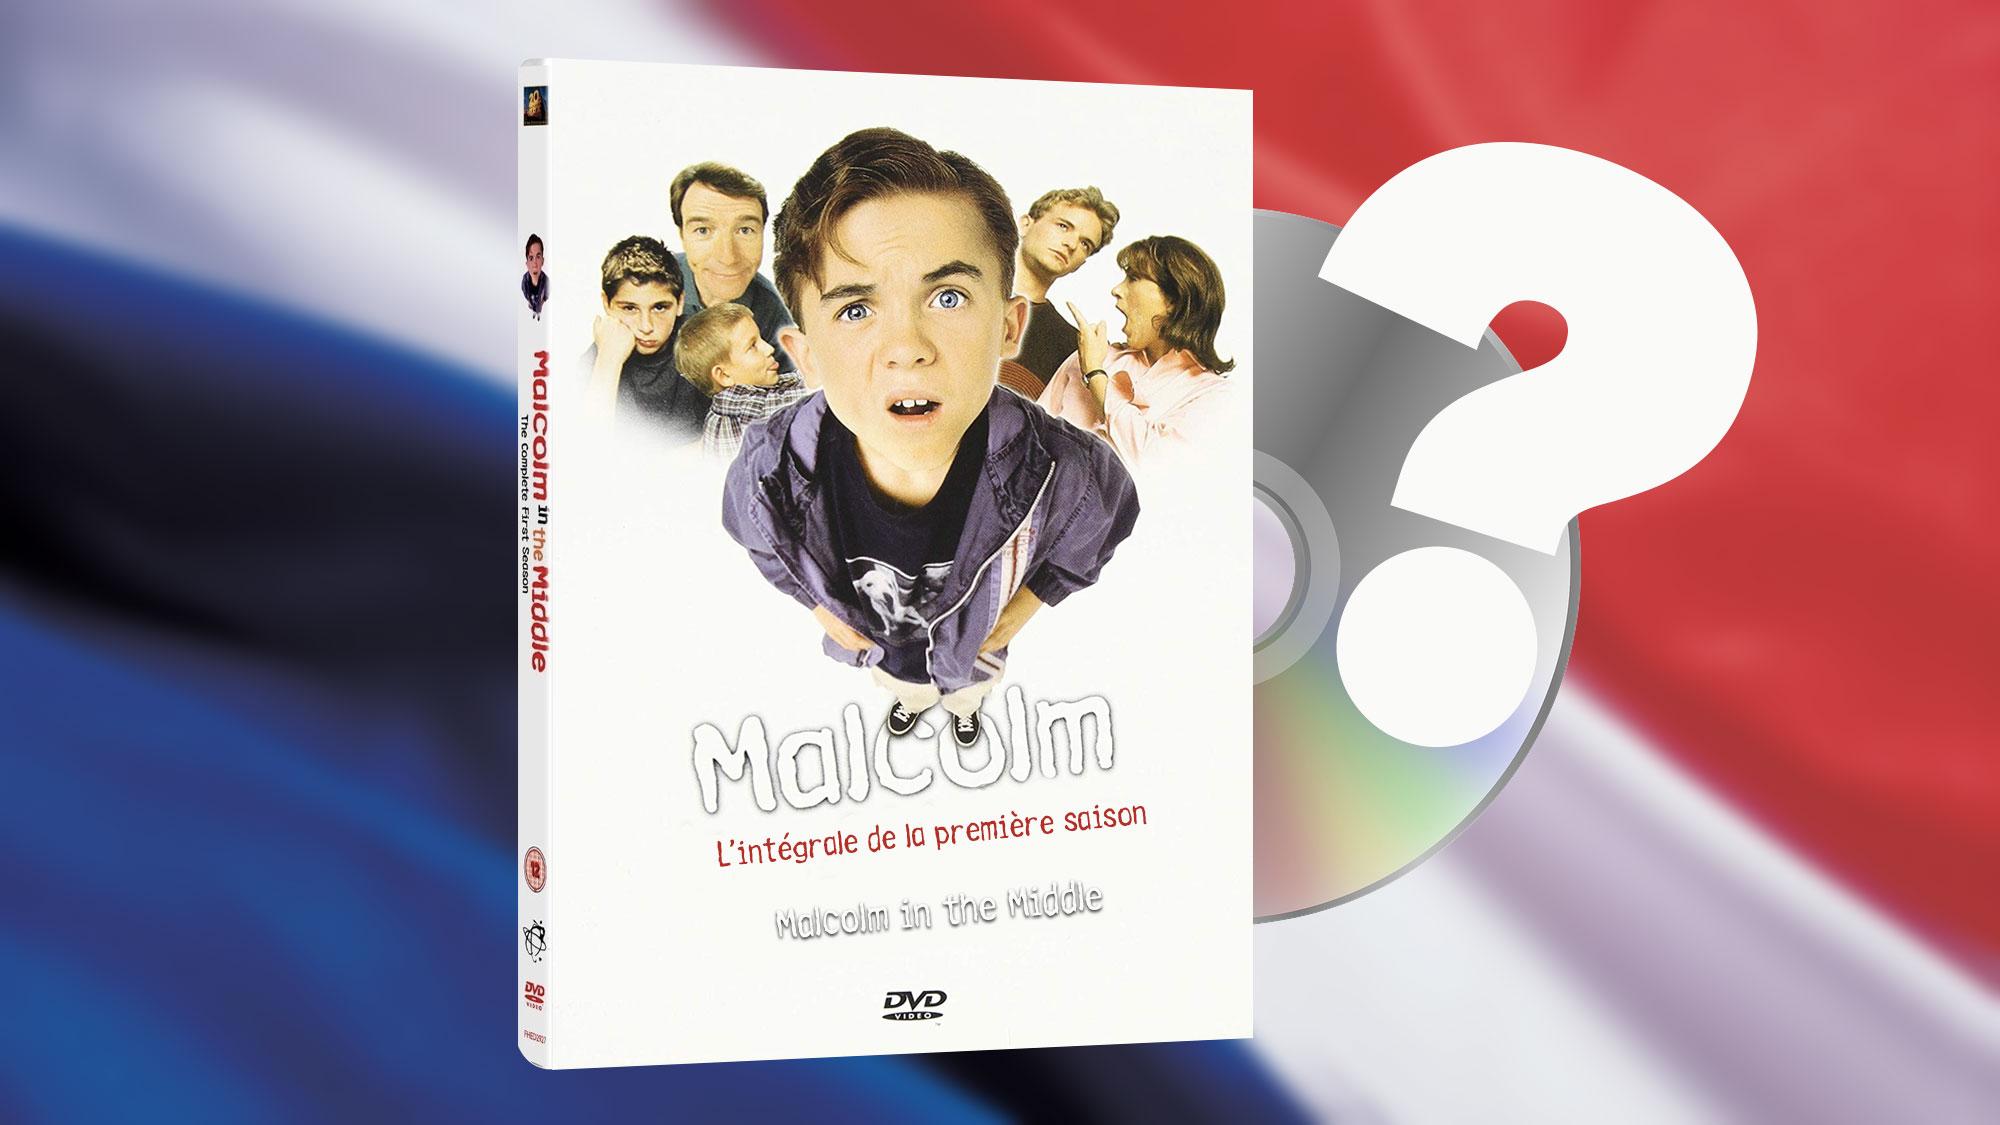 EXCLUSIF. DVD de <em>Malcolm</em> en France : pourquoi ça coince